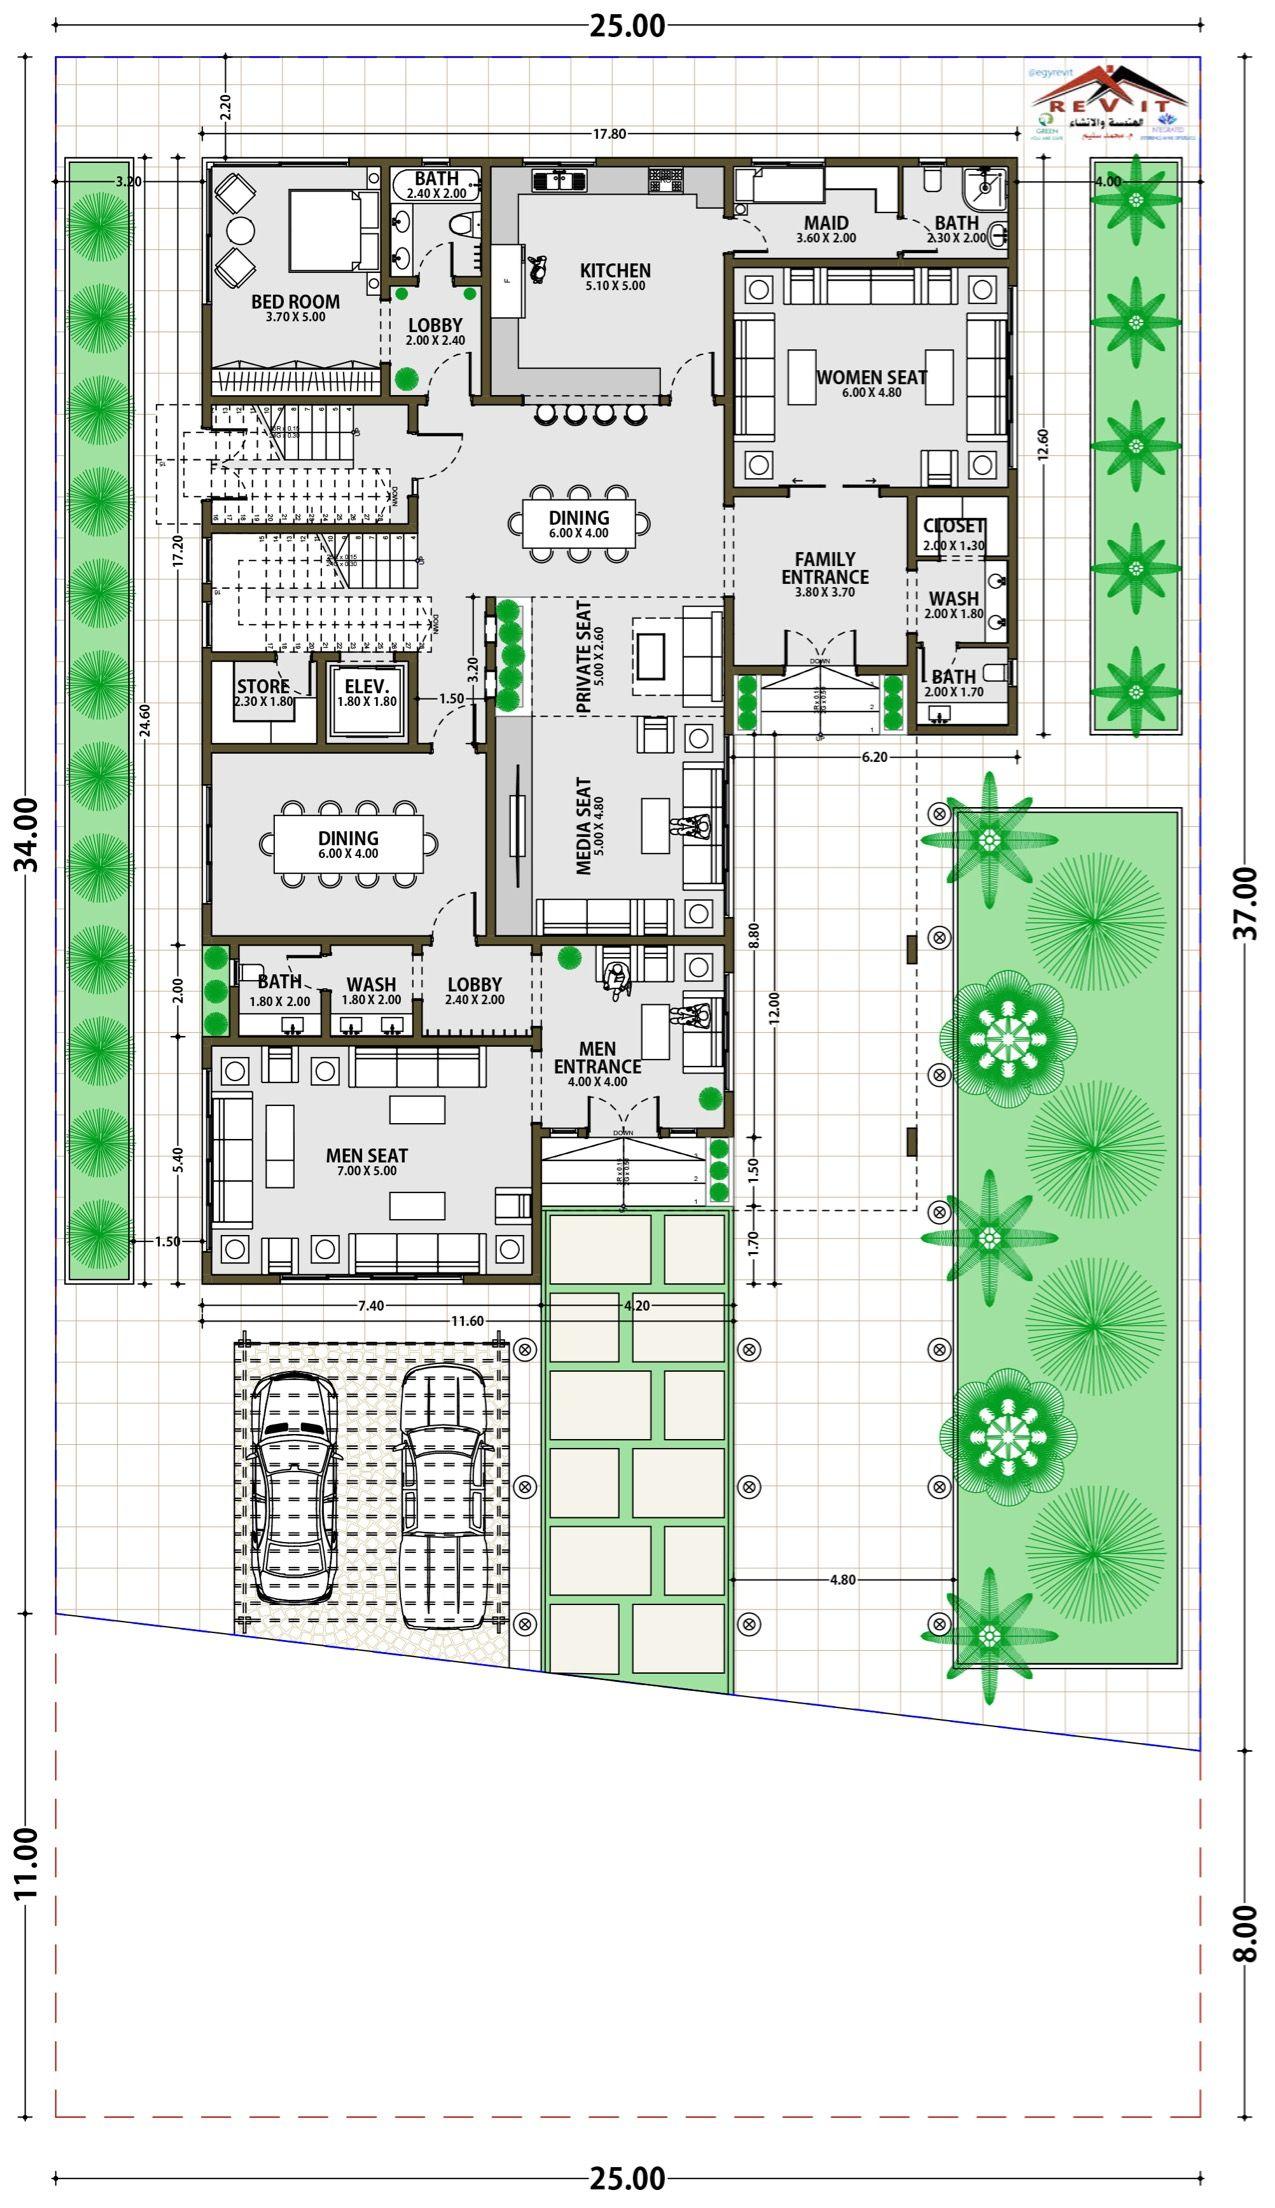 تصميم فيلا مودرن ايجي ريفت Twitter Egyrevit Architectural House Plans Courtyard House Plans Home Design Floor Plans